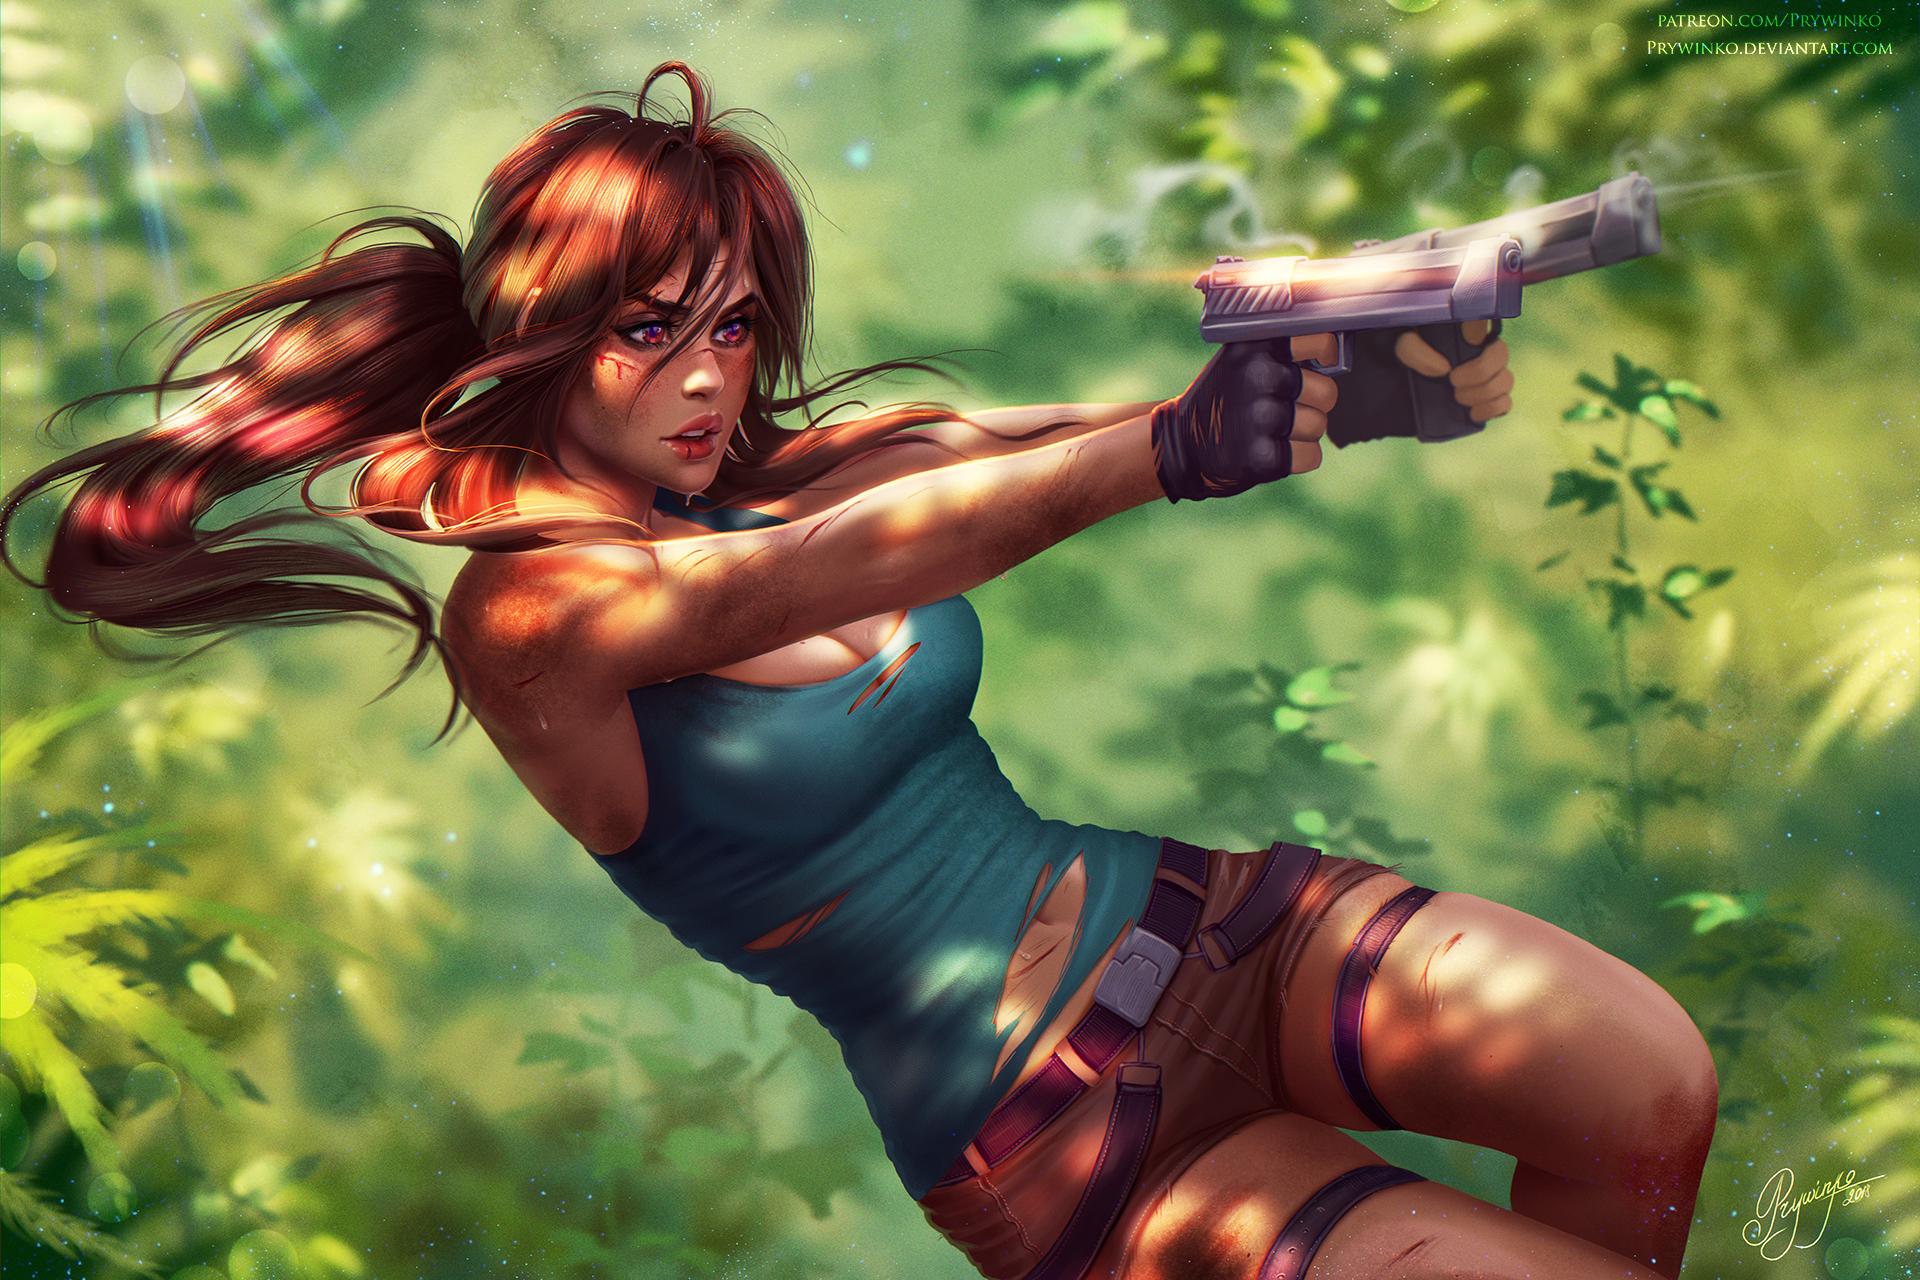 3840x2160 Lara Croft Tomb Raider Artwork 4k Hd 4k: Lara Croft Tomb Raider Fanart, HD Games, 4k Wallpapers